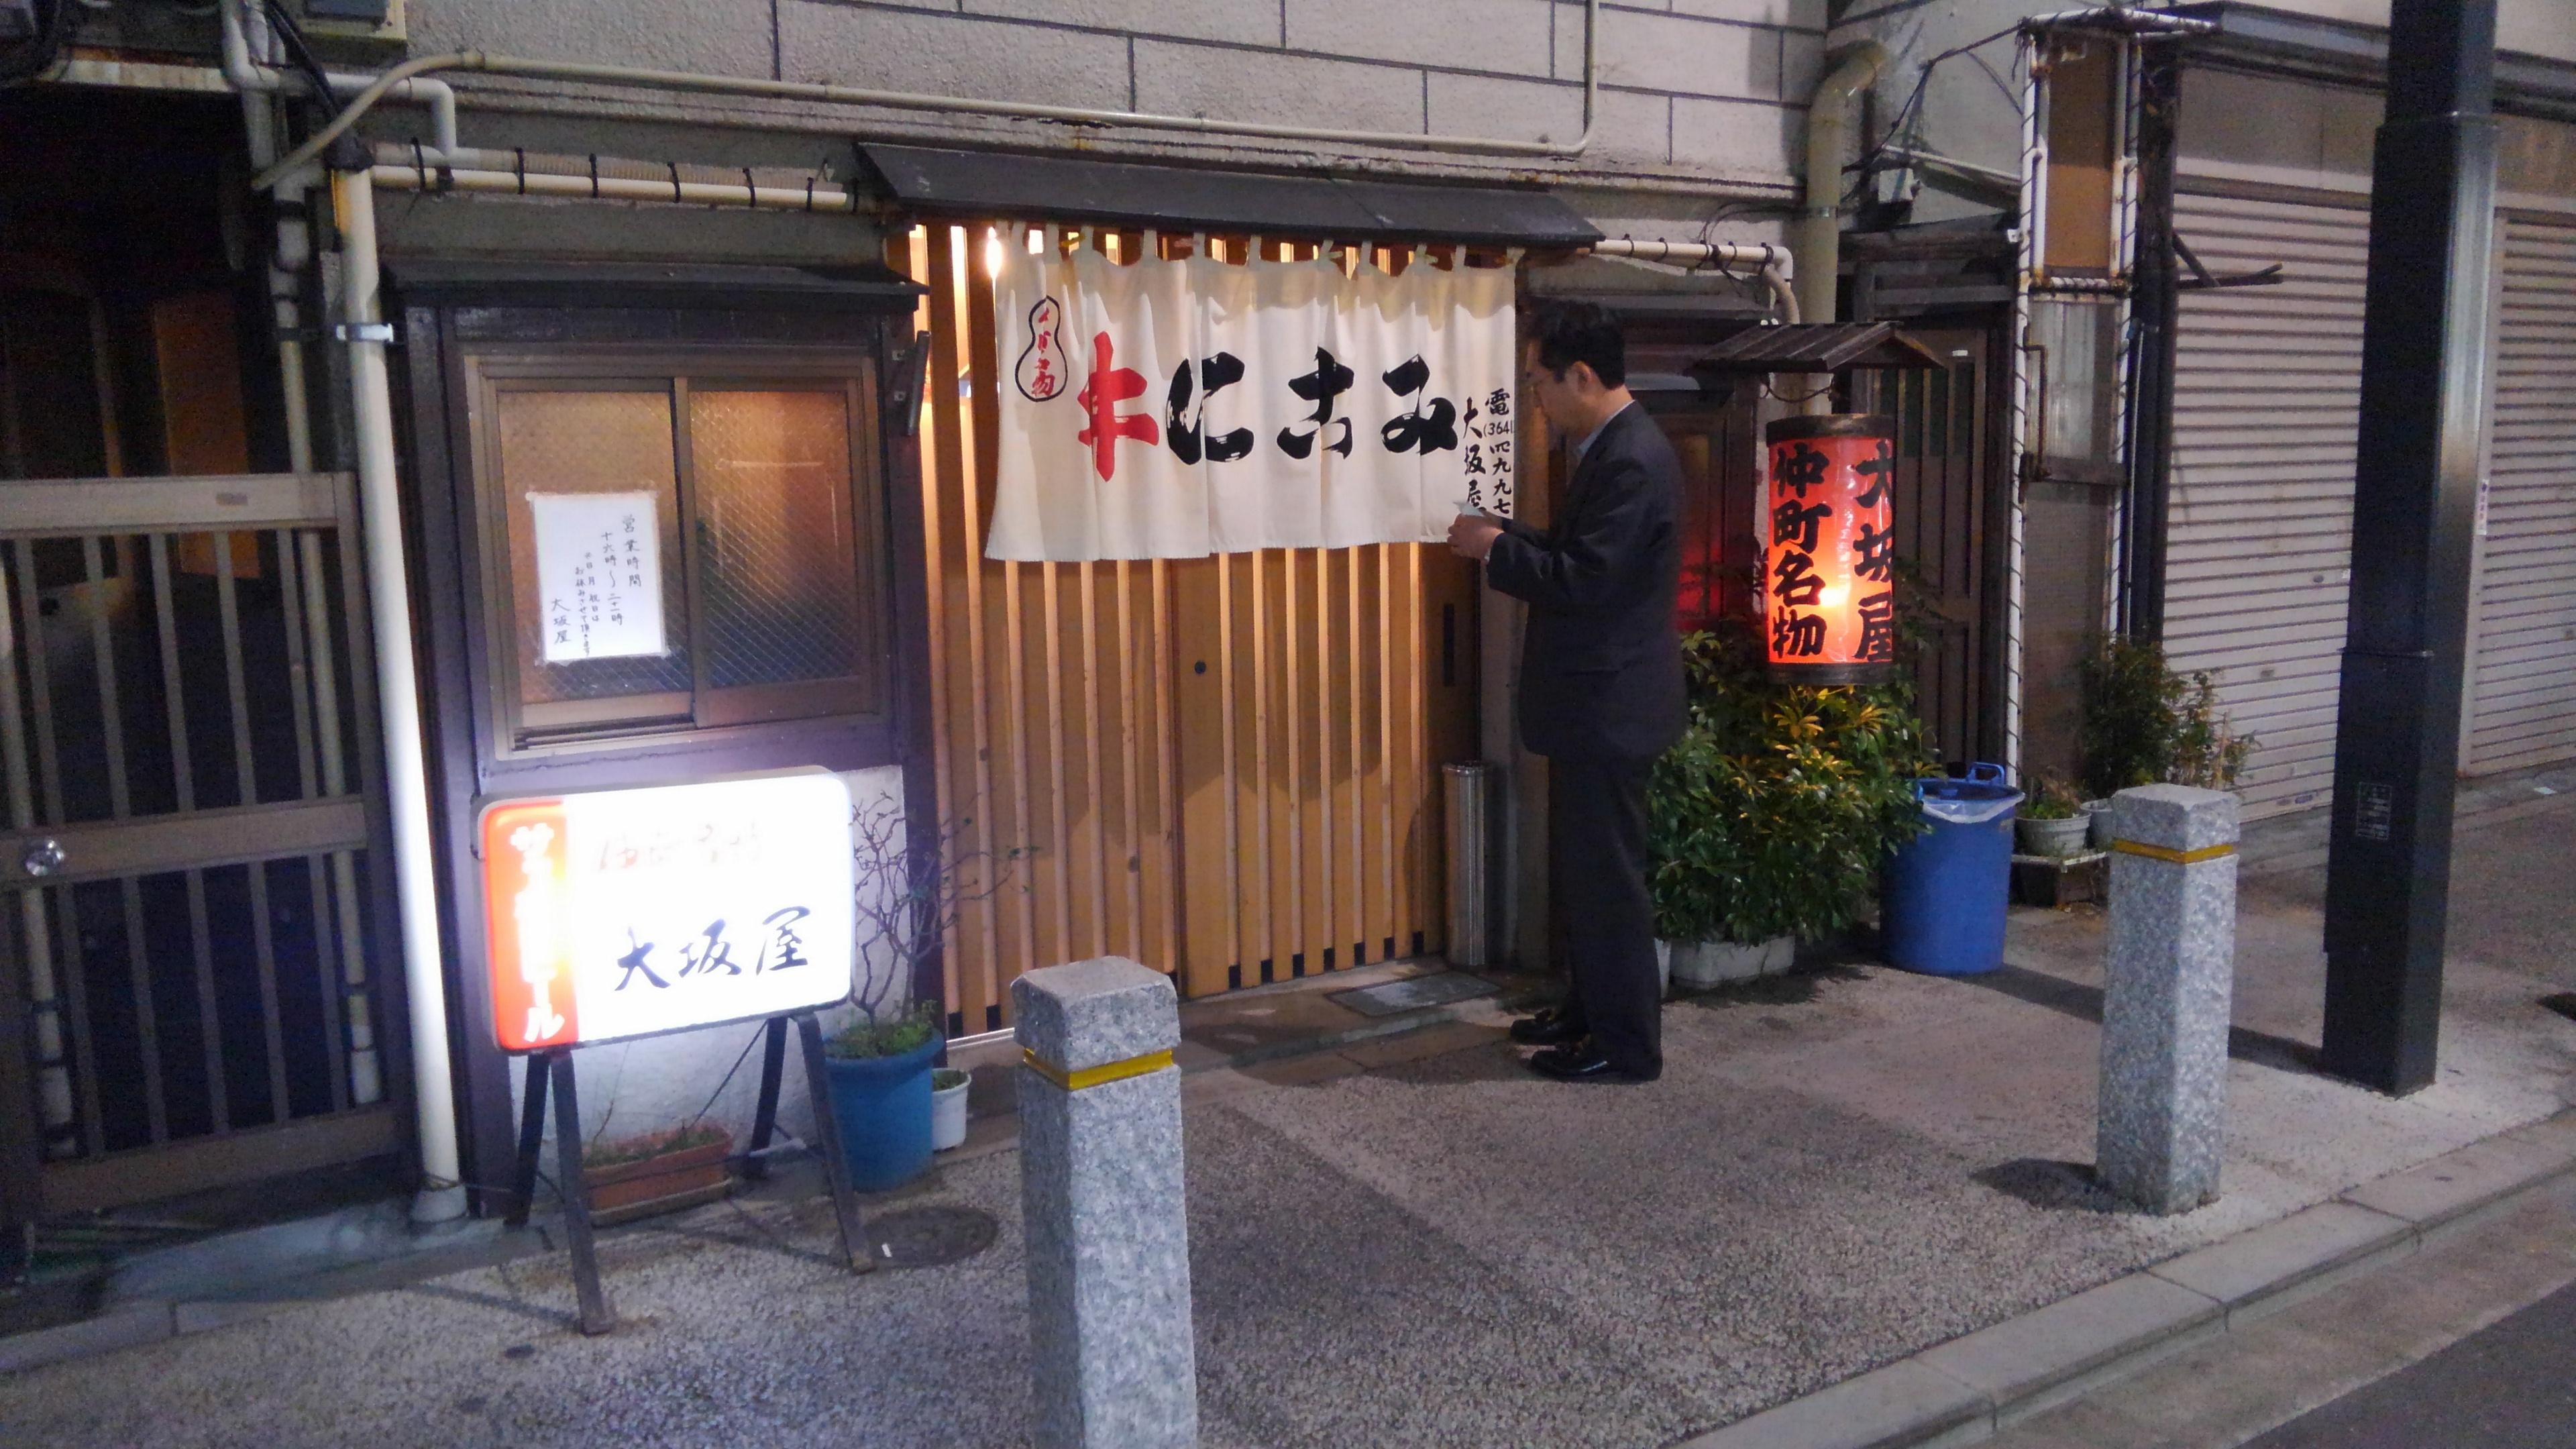 大阪屋(門前仲町) 東京3大もつ煮。使い続けた鍋が美味さの秘密!